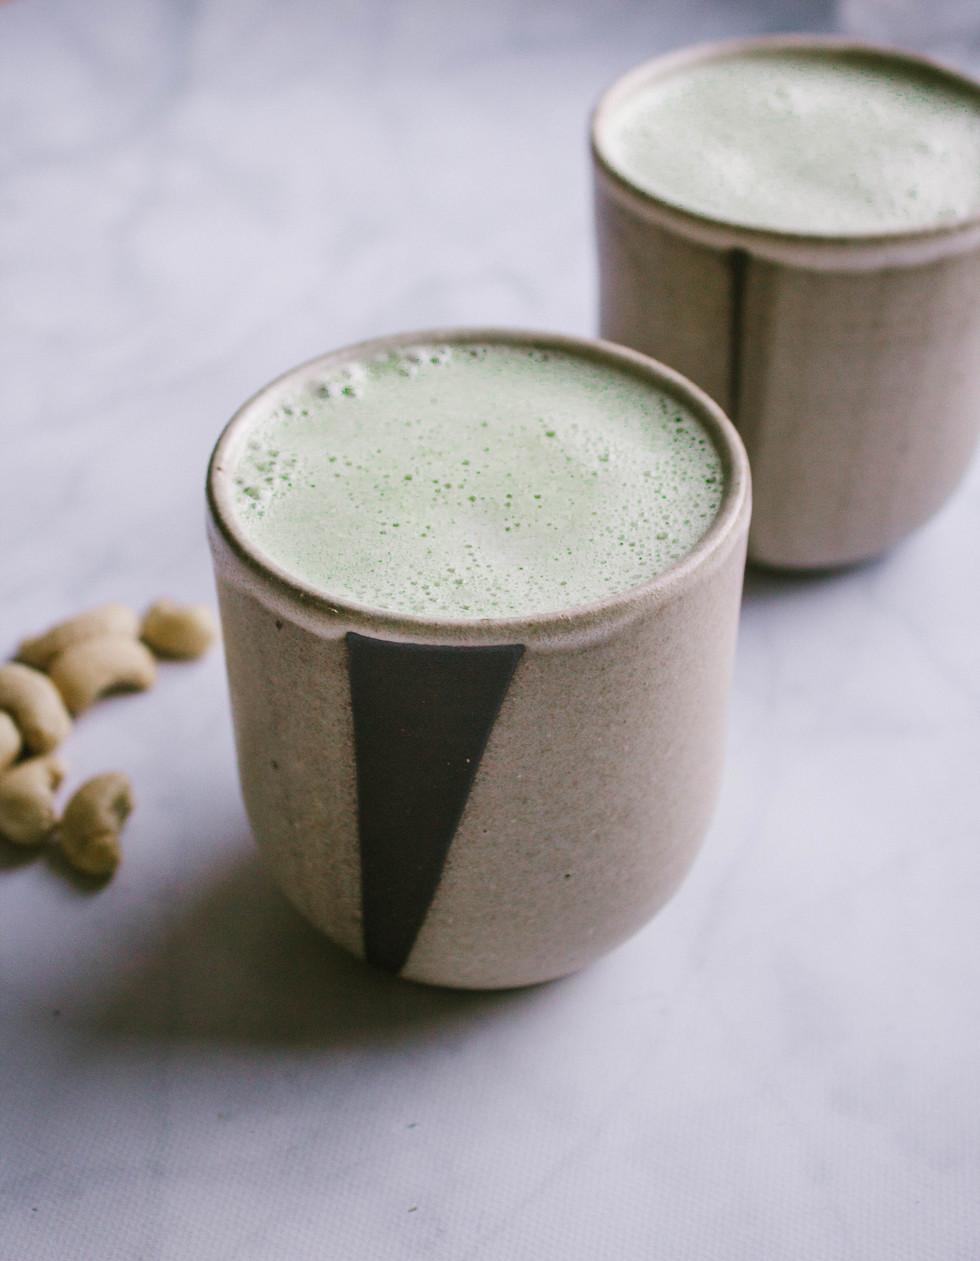 Bedtime Ashwaghanda-Moringa Cashew Butter Latte